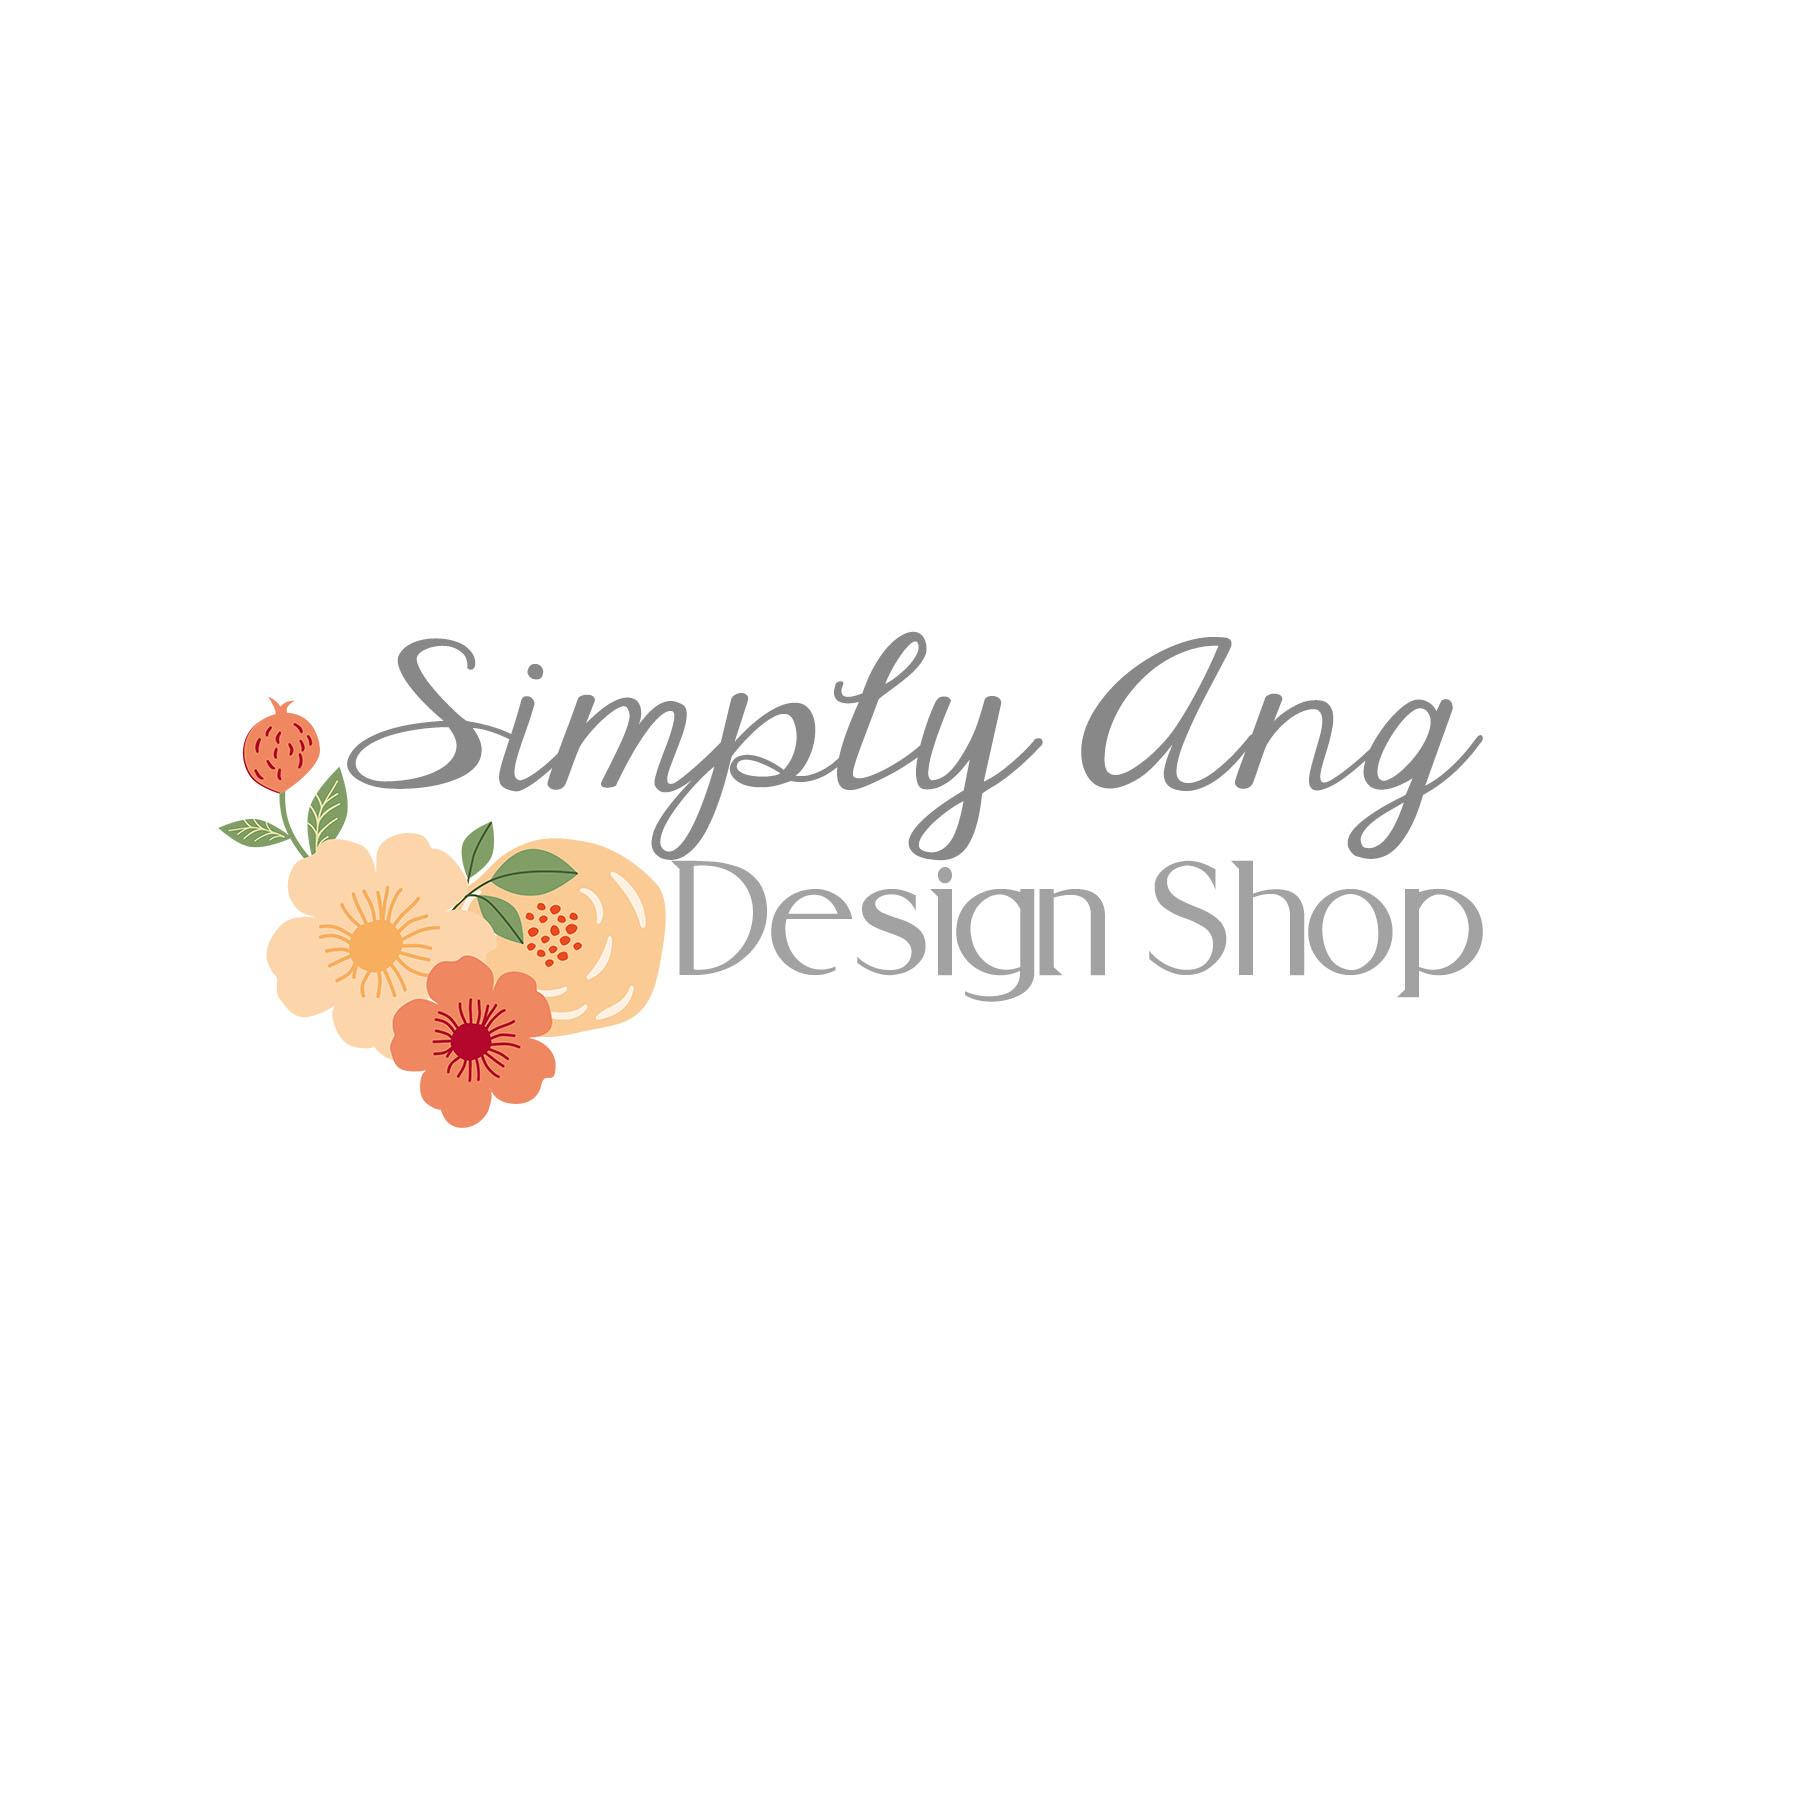 Boutique logo 13.jpg